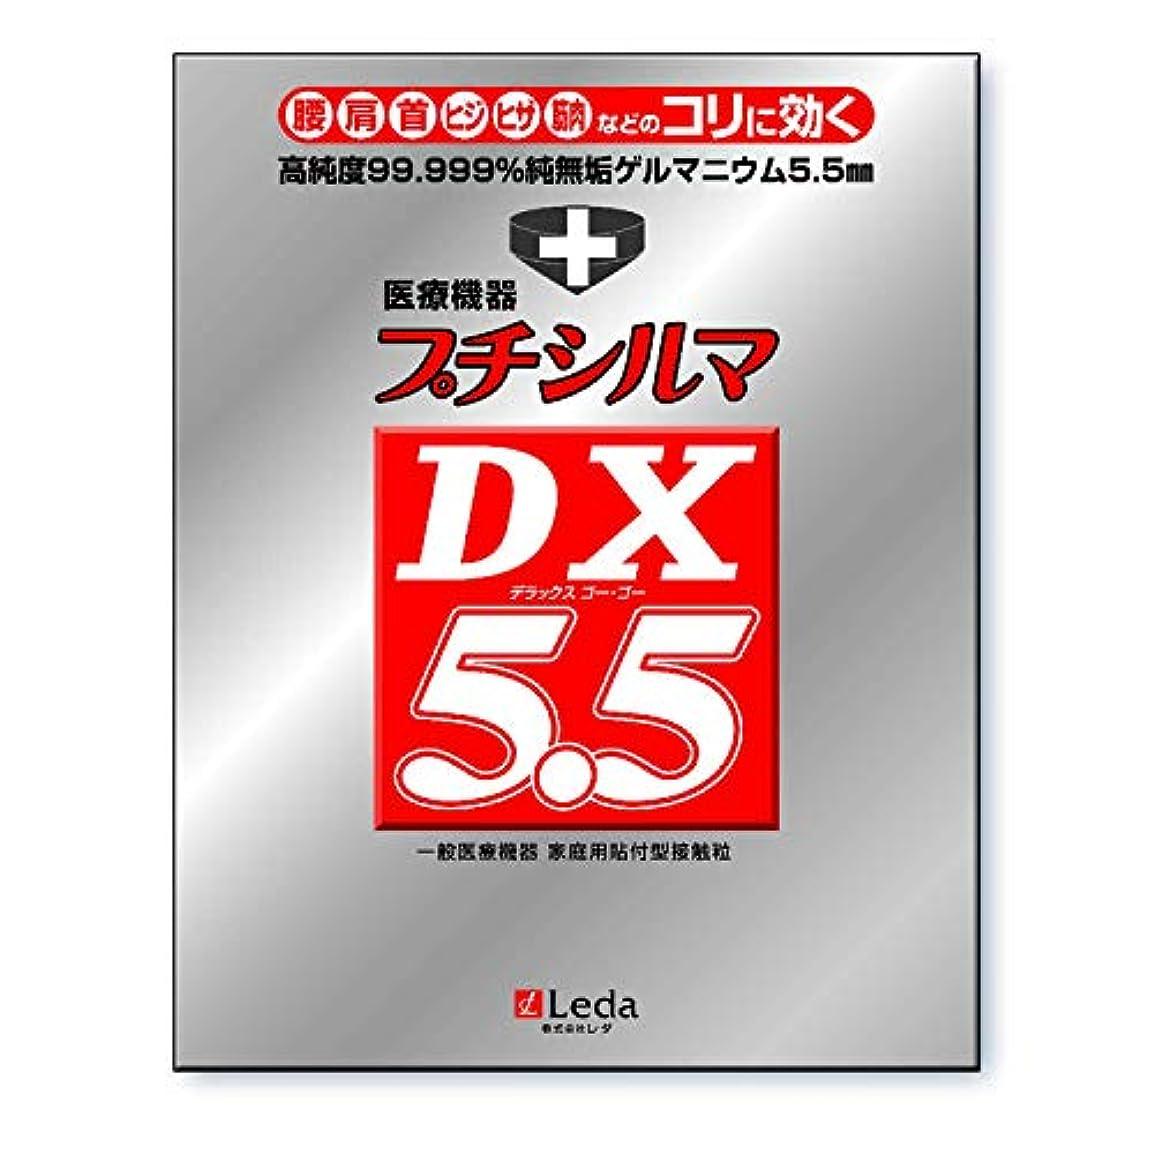 フルーティー間違いなくエンジニアプチシルマDX 5.5 お徳用替えプラスター200枚付き